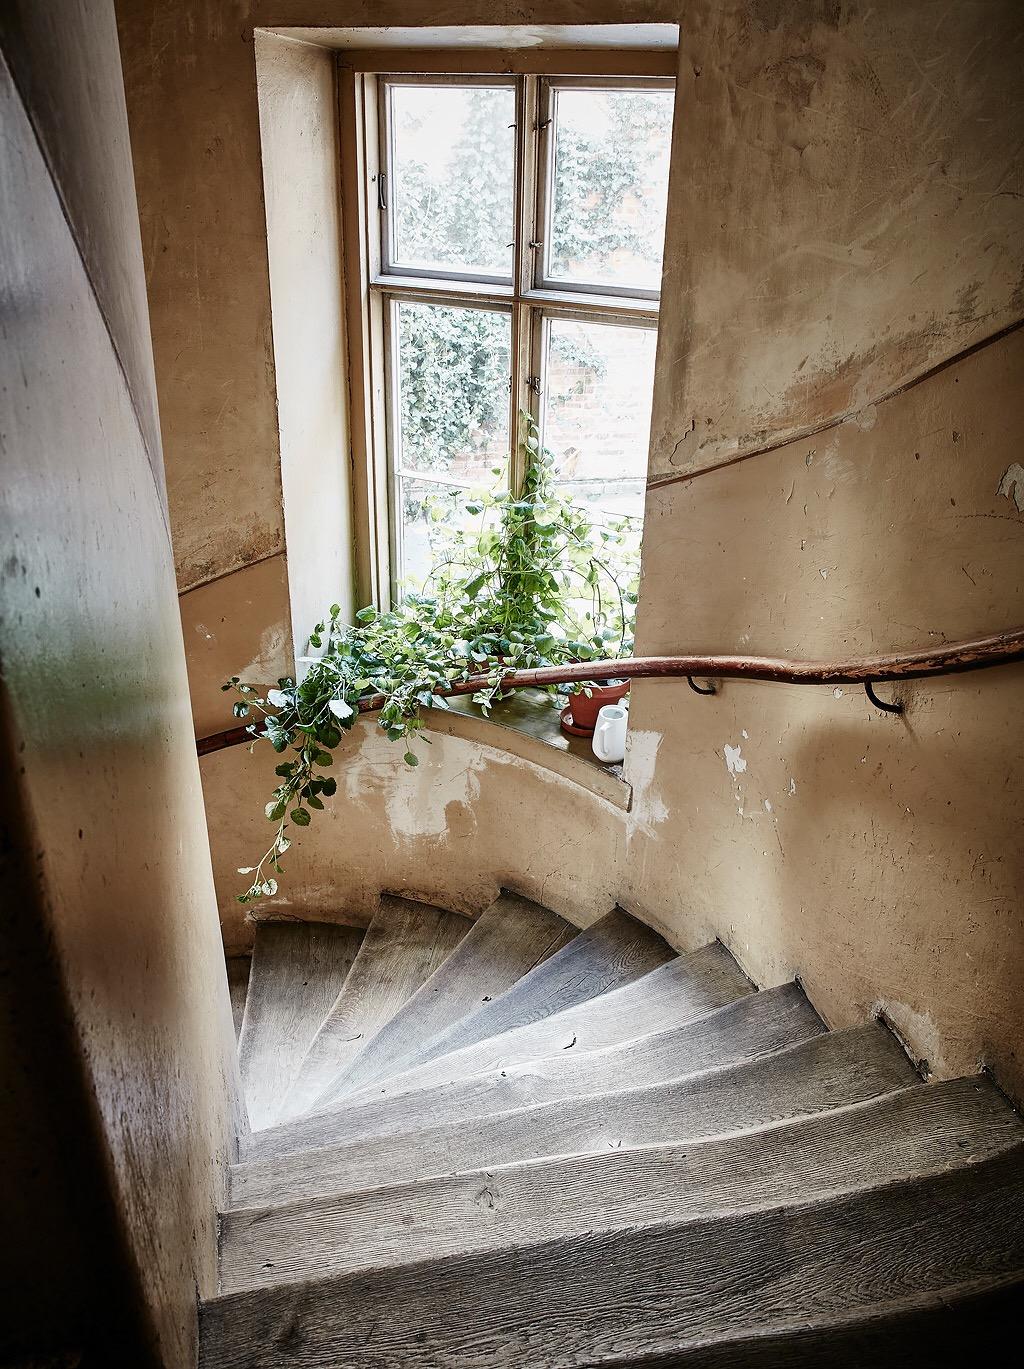 подъезд лестница перила окно подоконник цветок